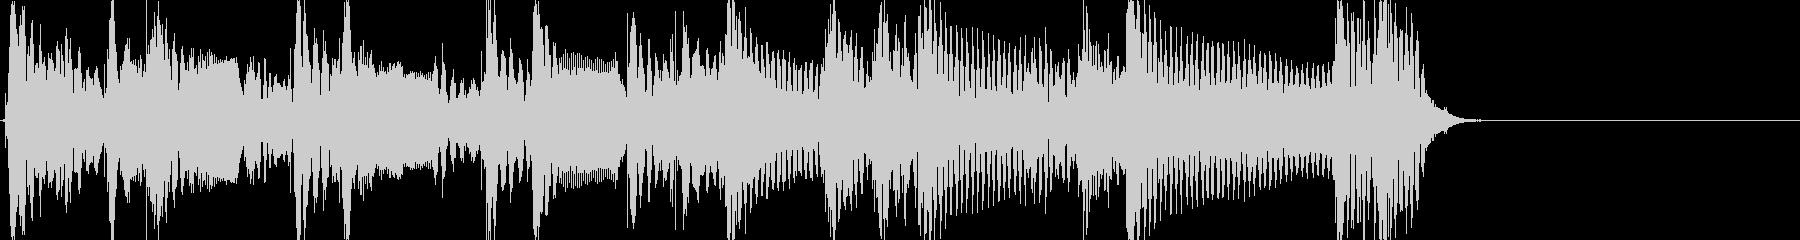 怪しいアコギジングル ワンフレーズ生音の未再生の波形